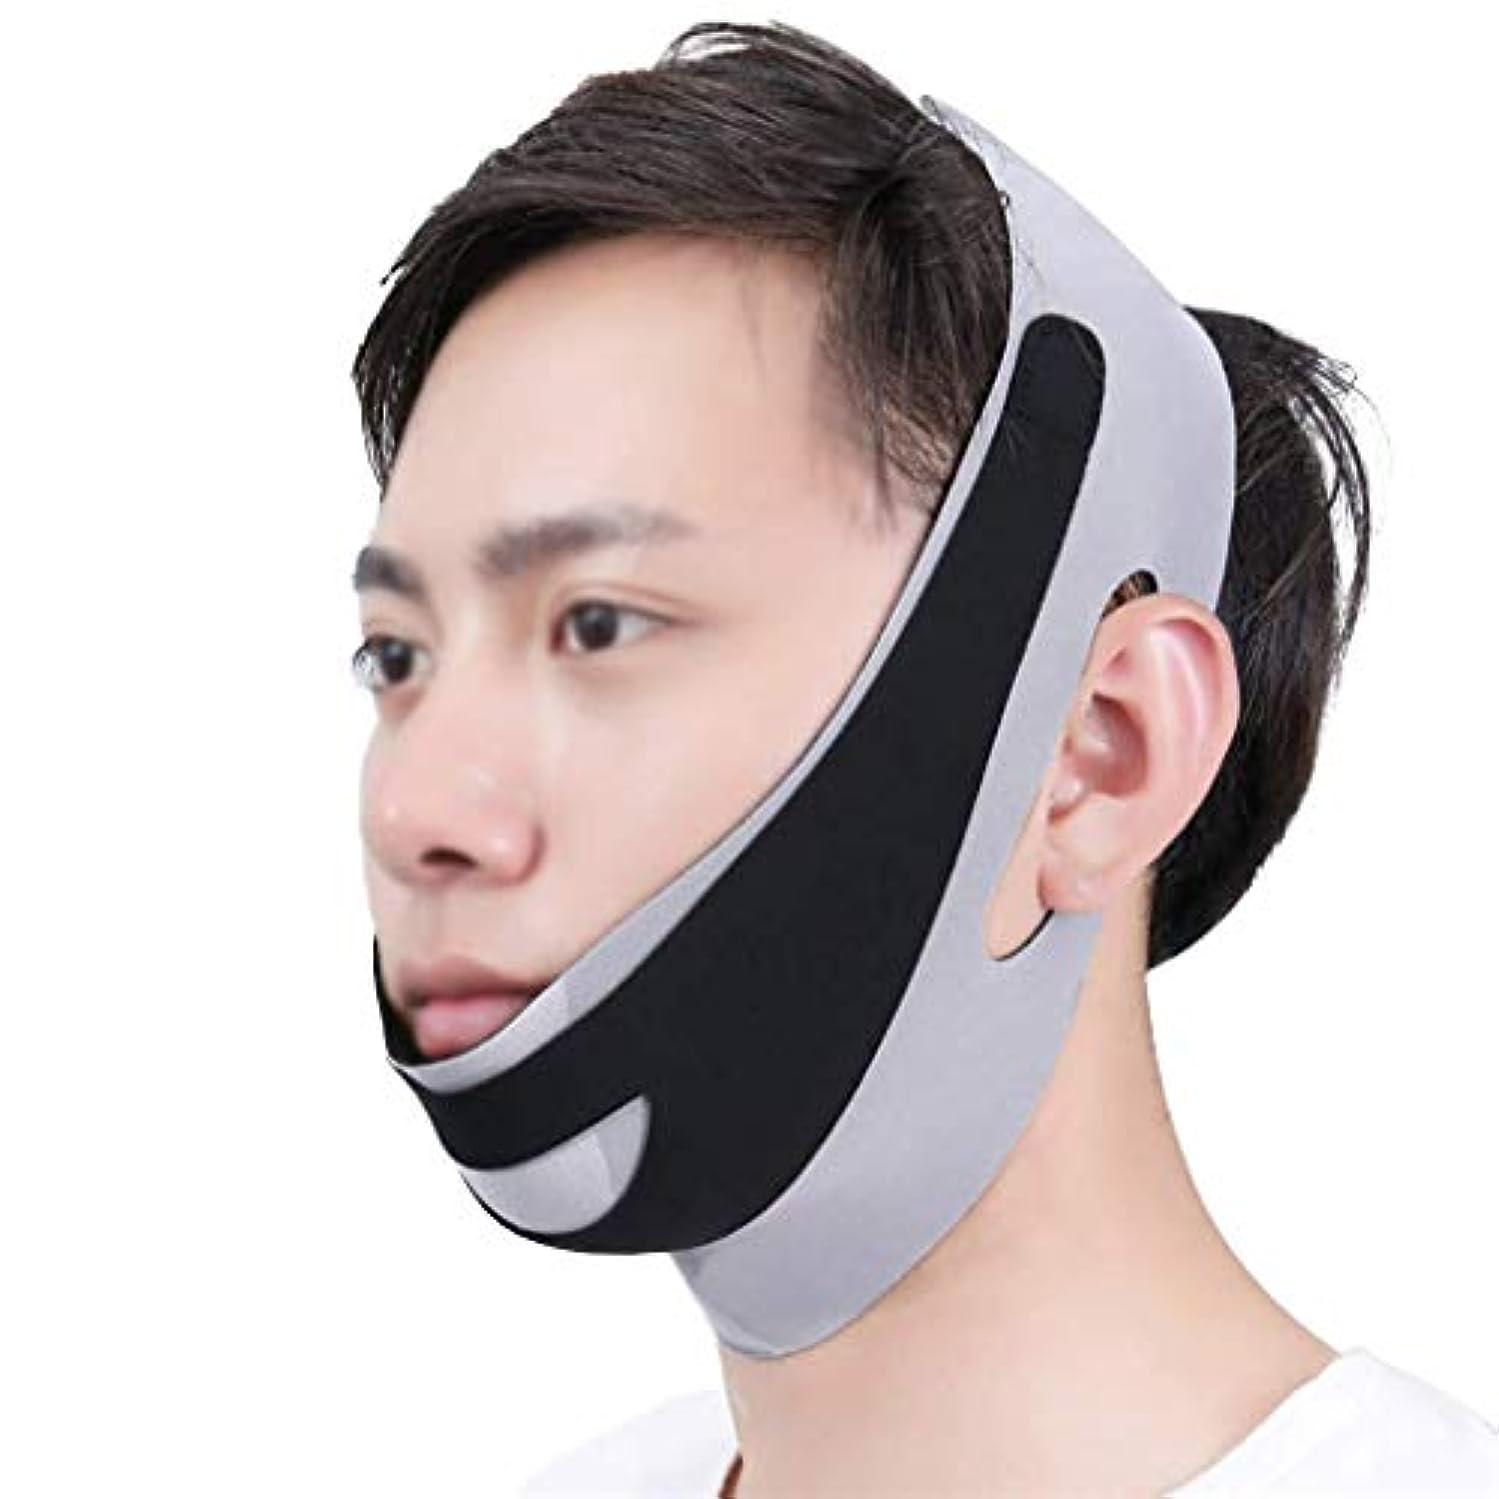 彼はコピー国勢調査顔と首のリフト術後弾性顔マスク小V顔アーティファクト薄い顔包帯アーティファクトV顔吊り耳リフティング引き締め男性の顔アーティファクト